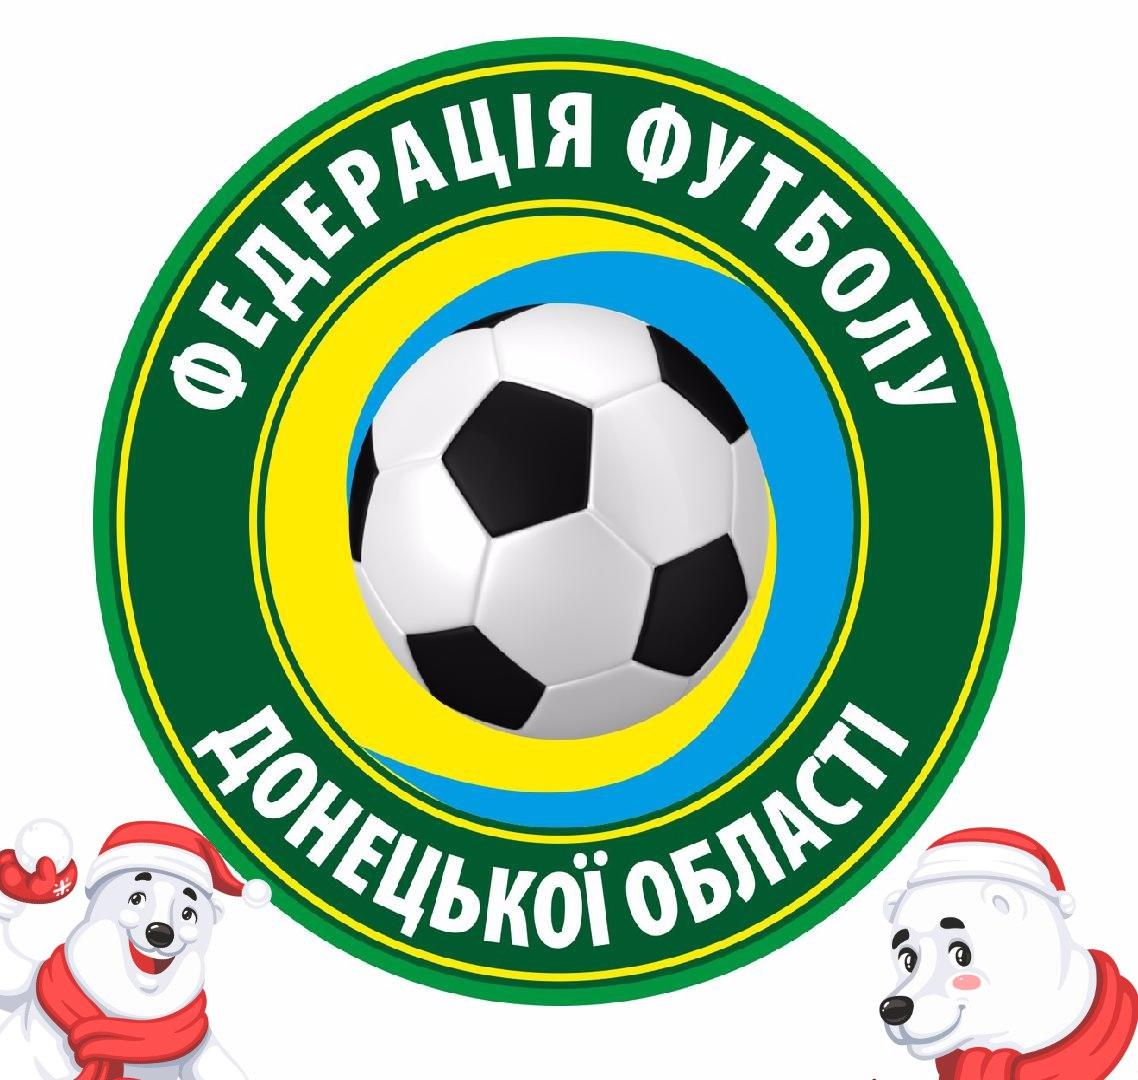 Станьте обладателем набора атрибутики с официальной символикой Федерации футбола Донецкой области!